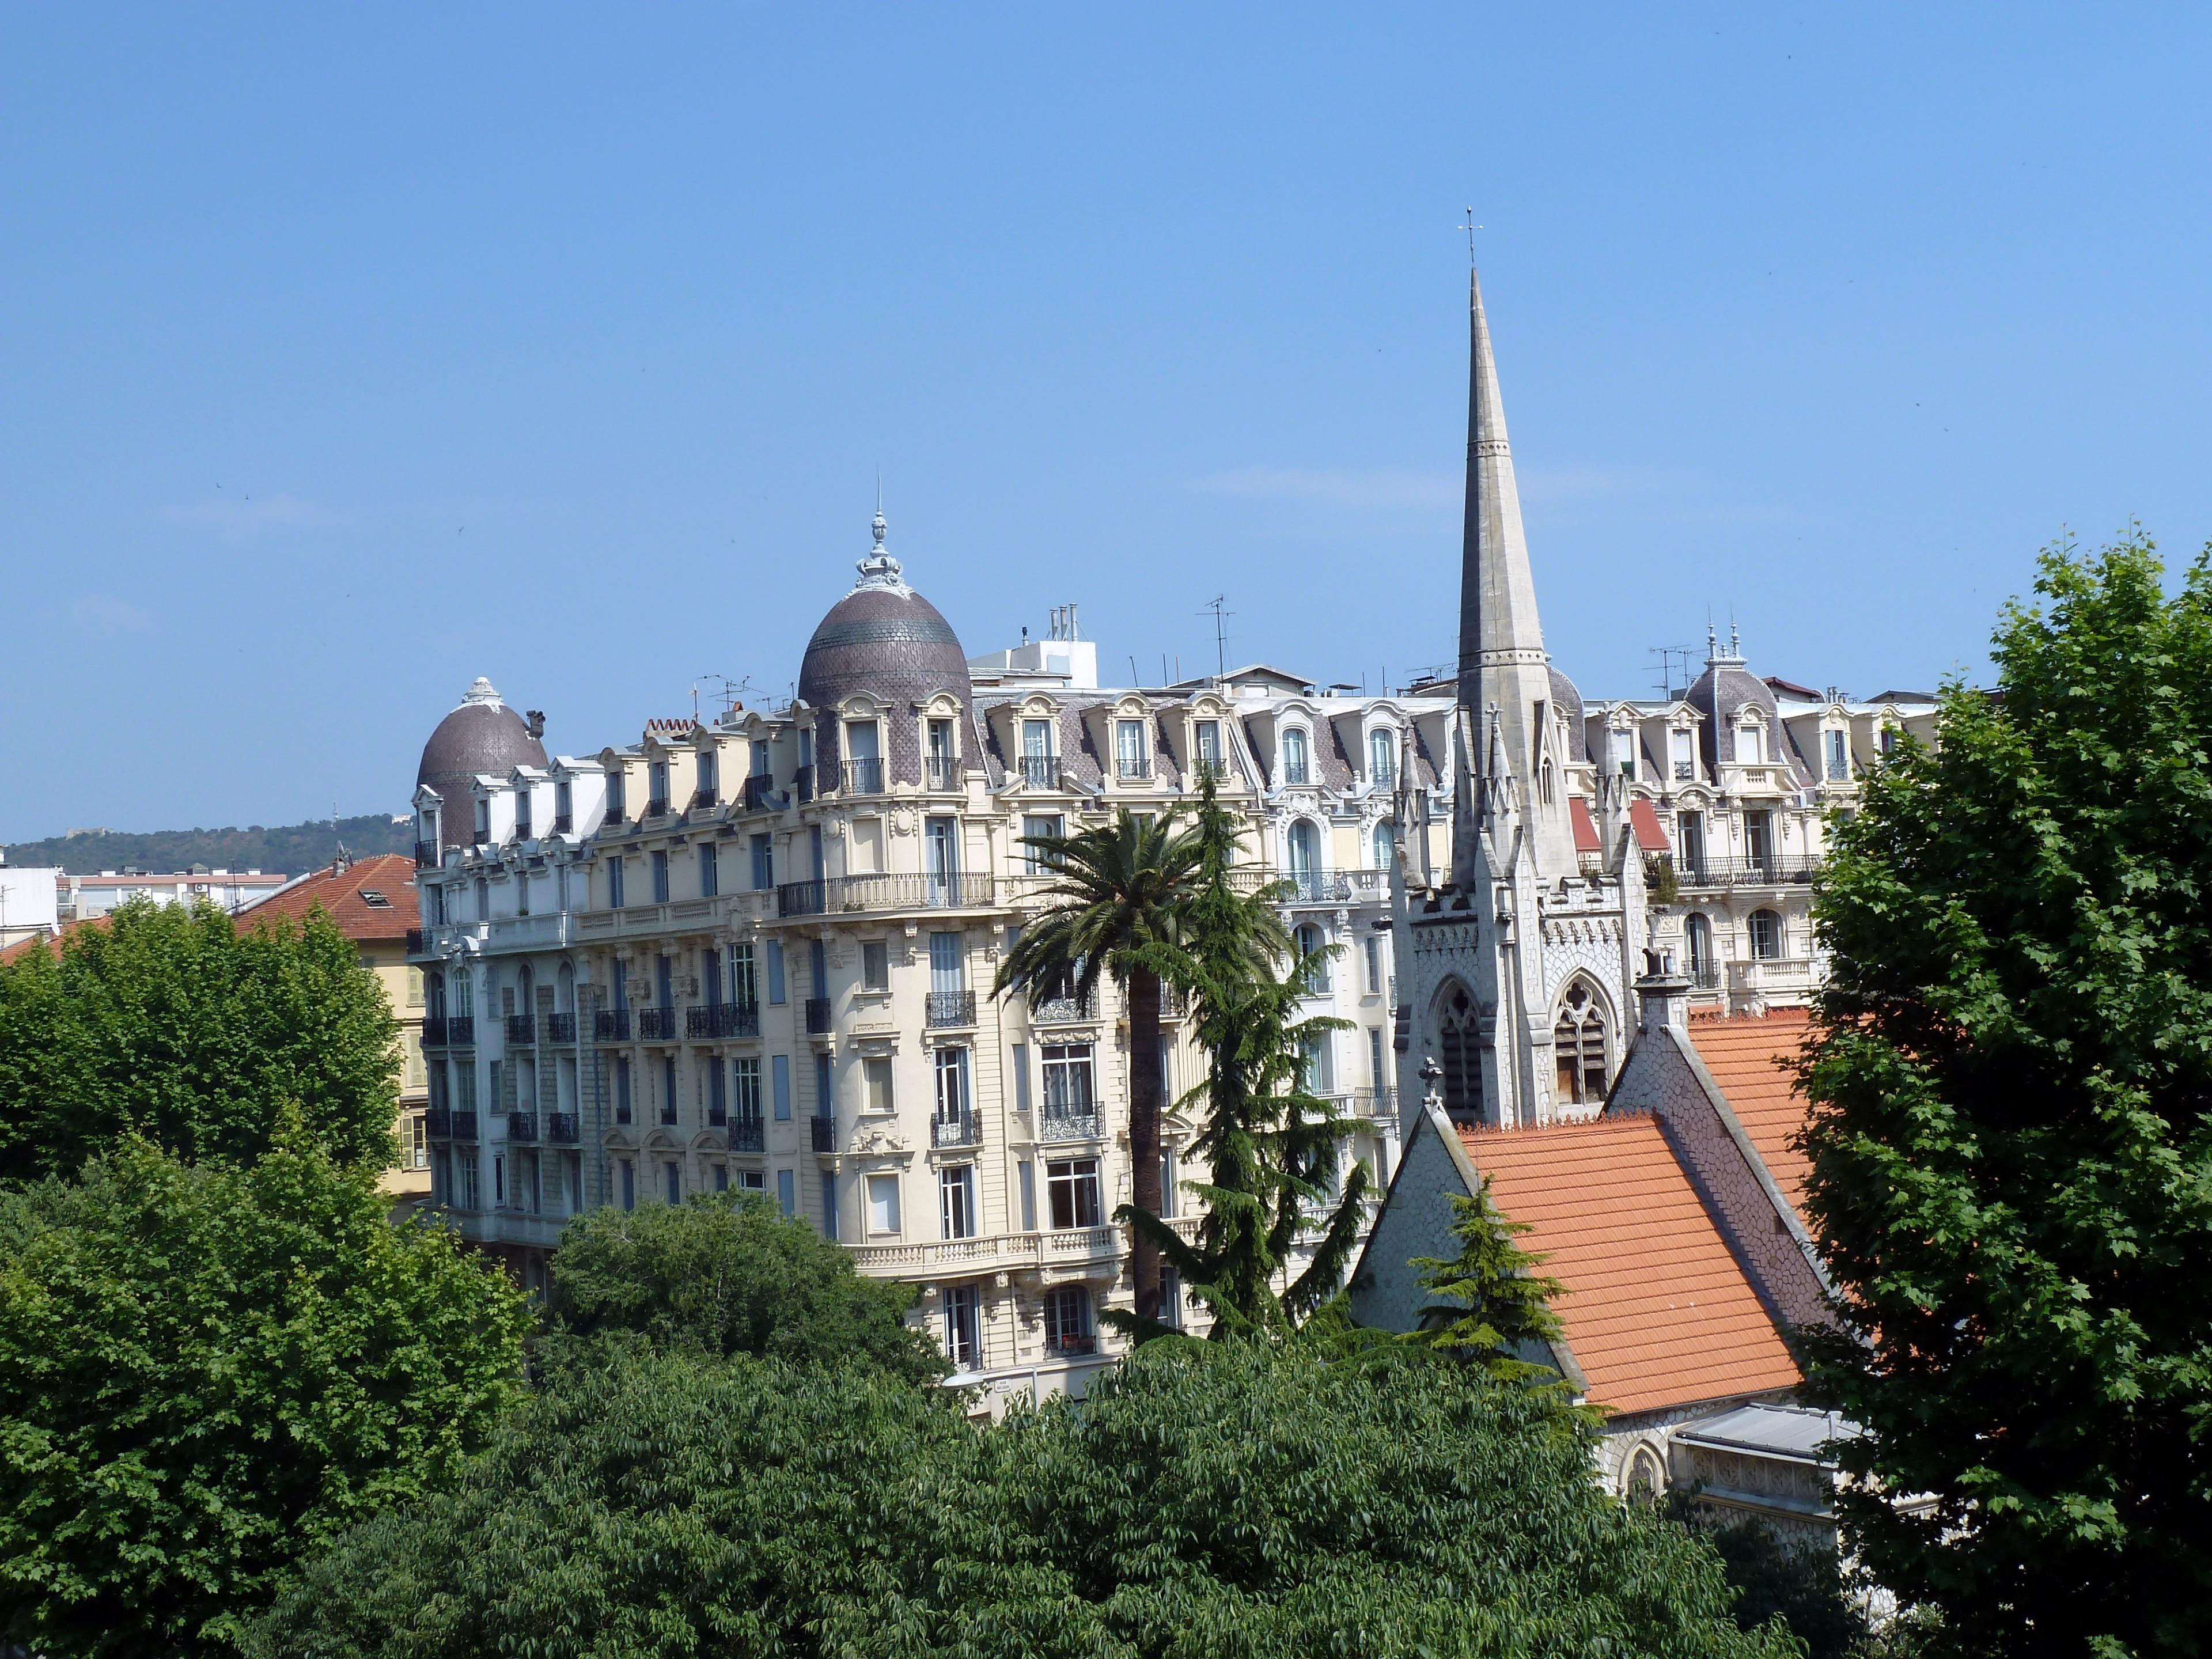 Thiers, Nizza, Département Alpes-Maritimes, Frankreich